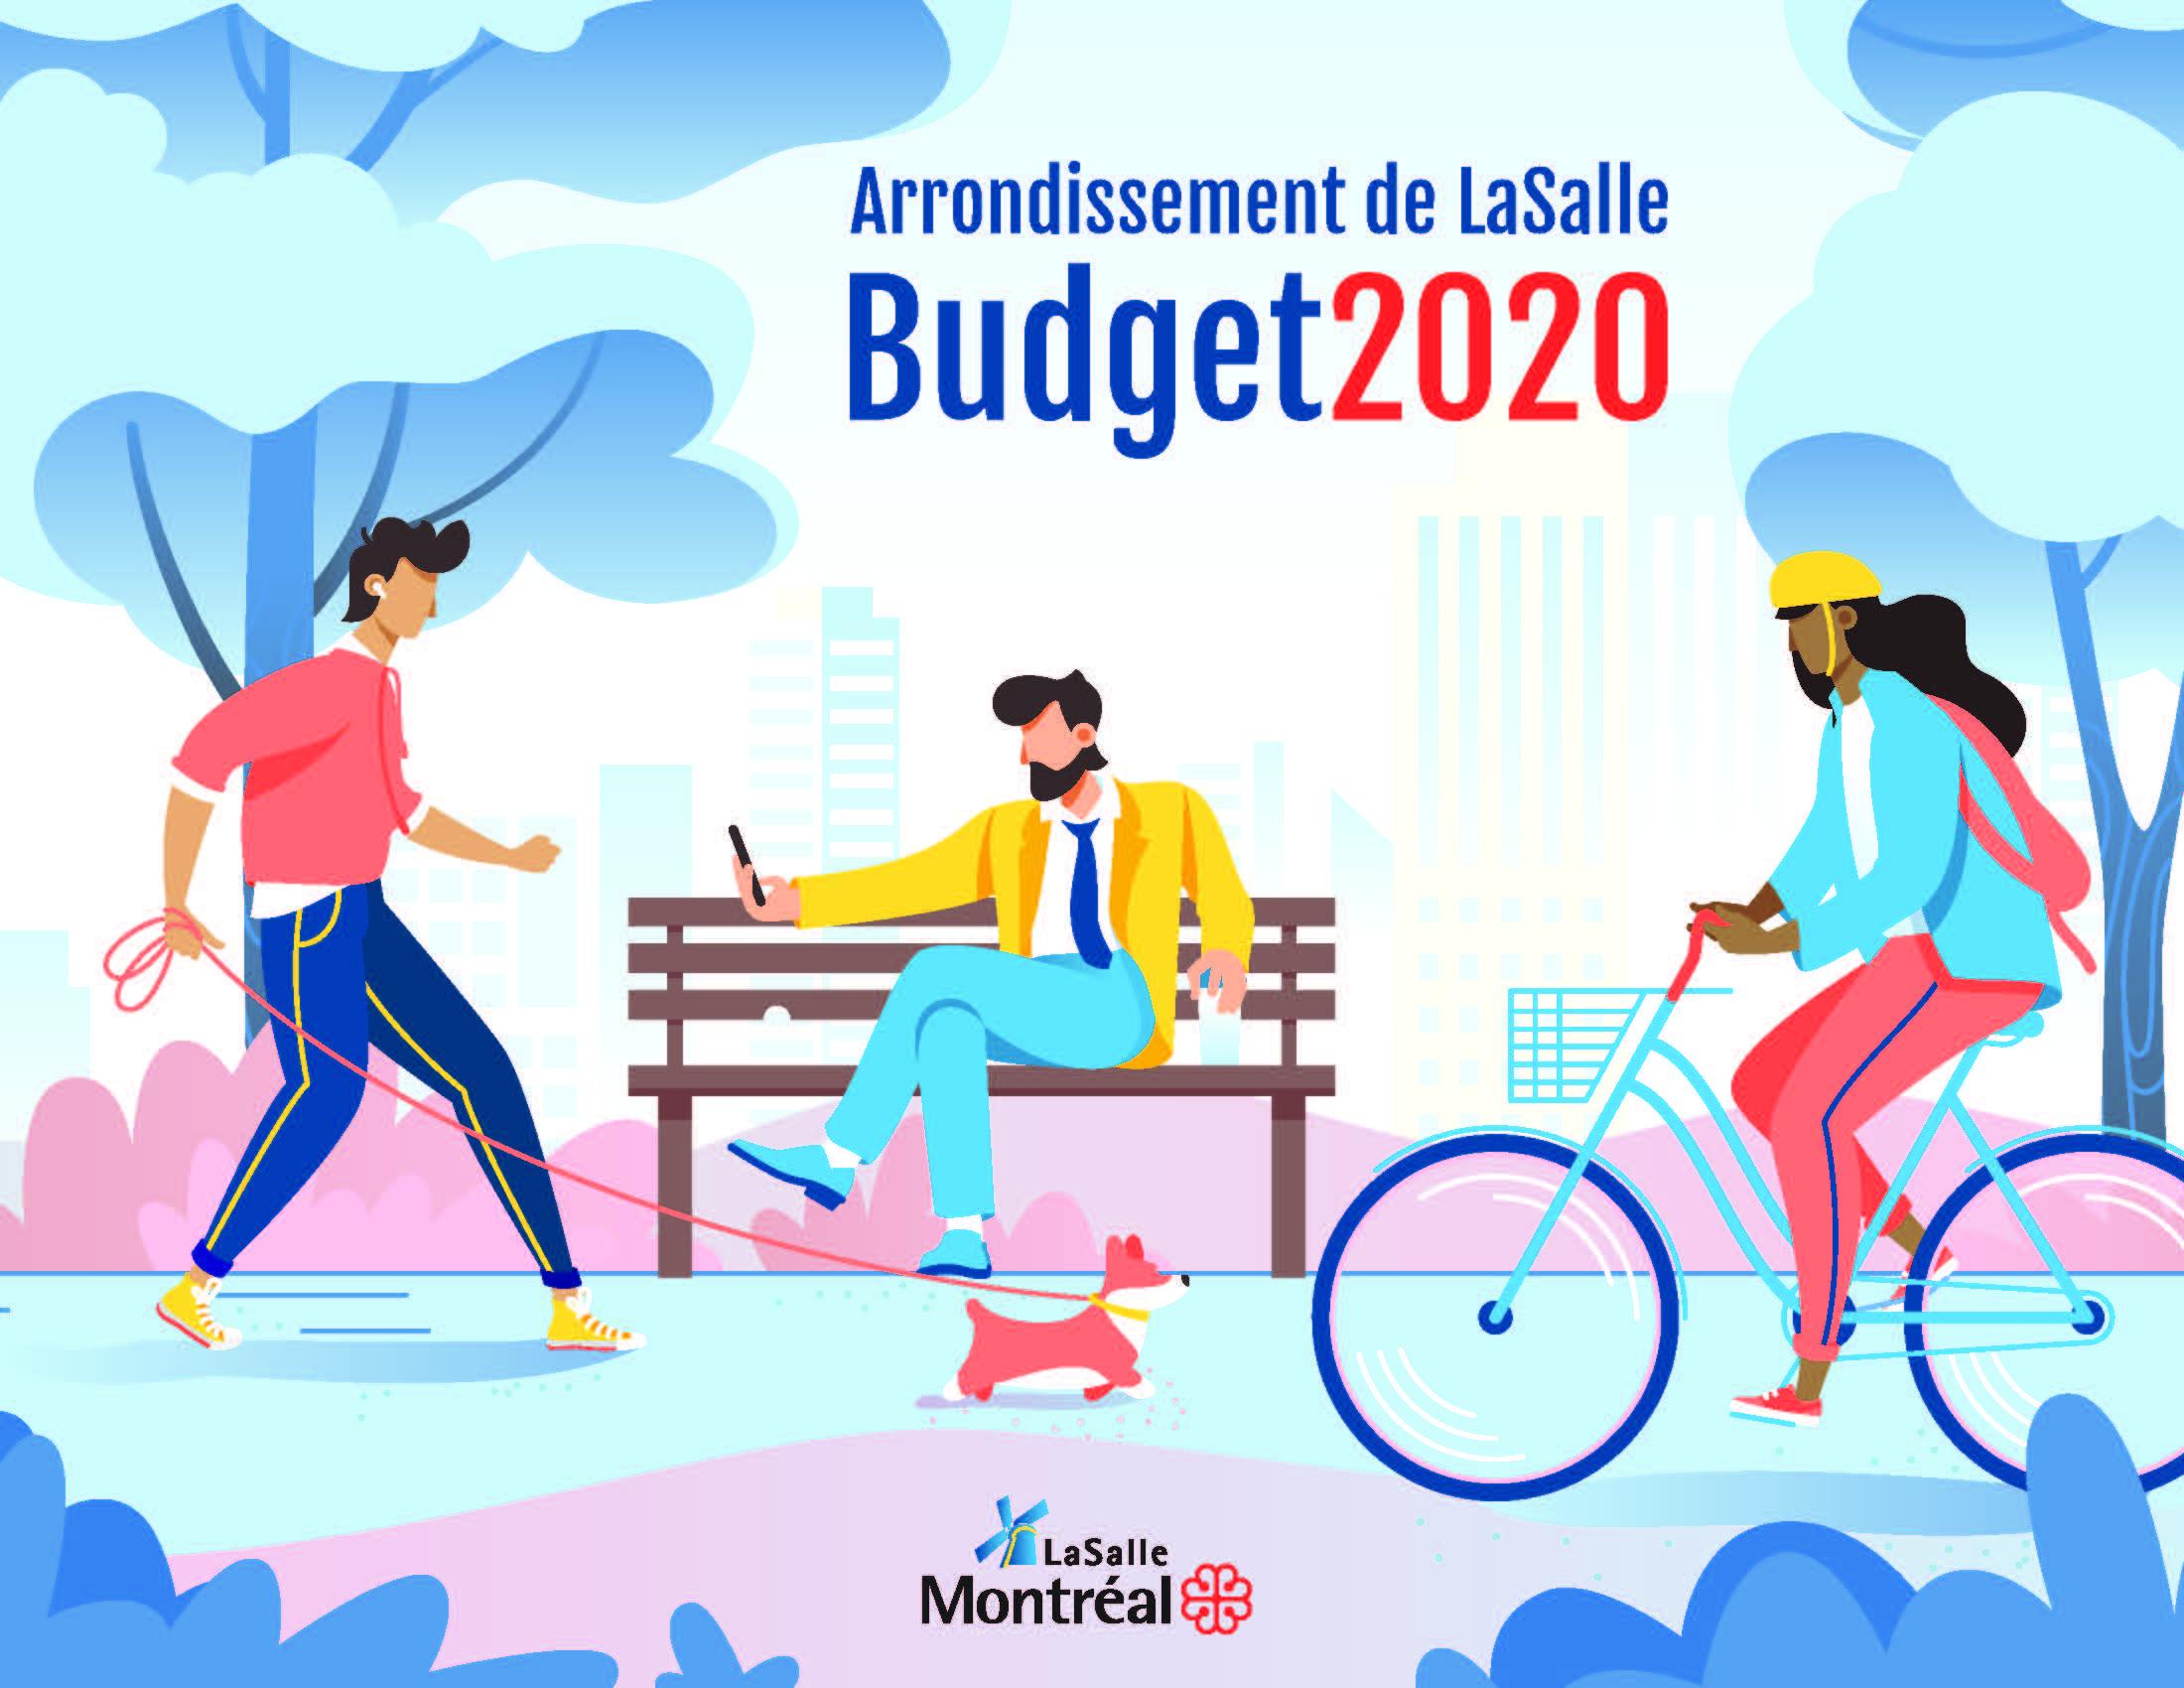 Budget 2020 - Arrondissement de LaSalle